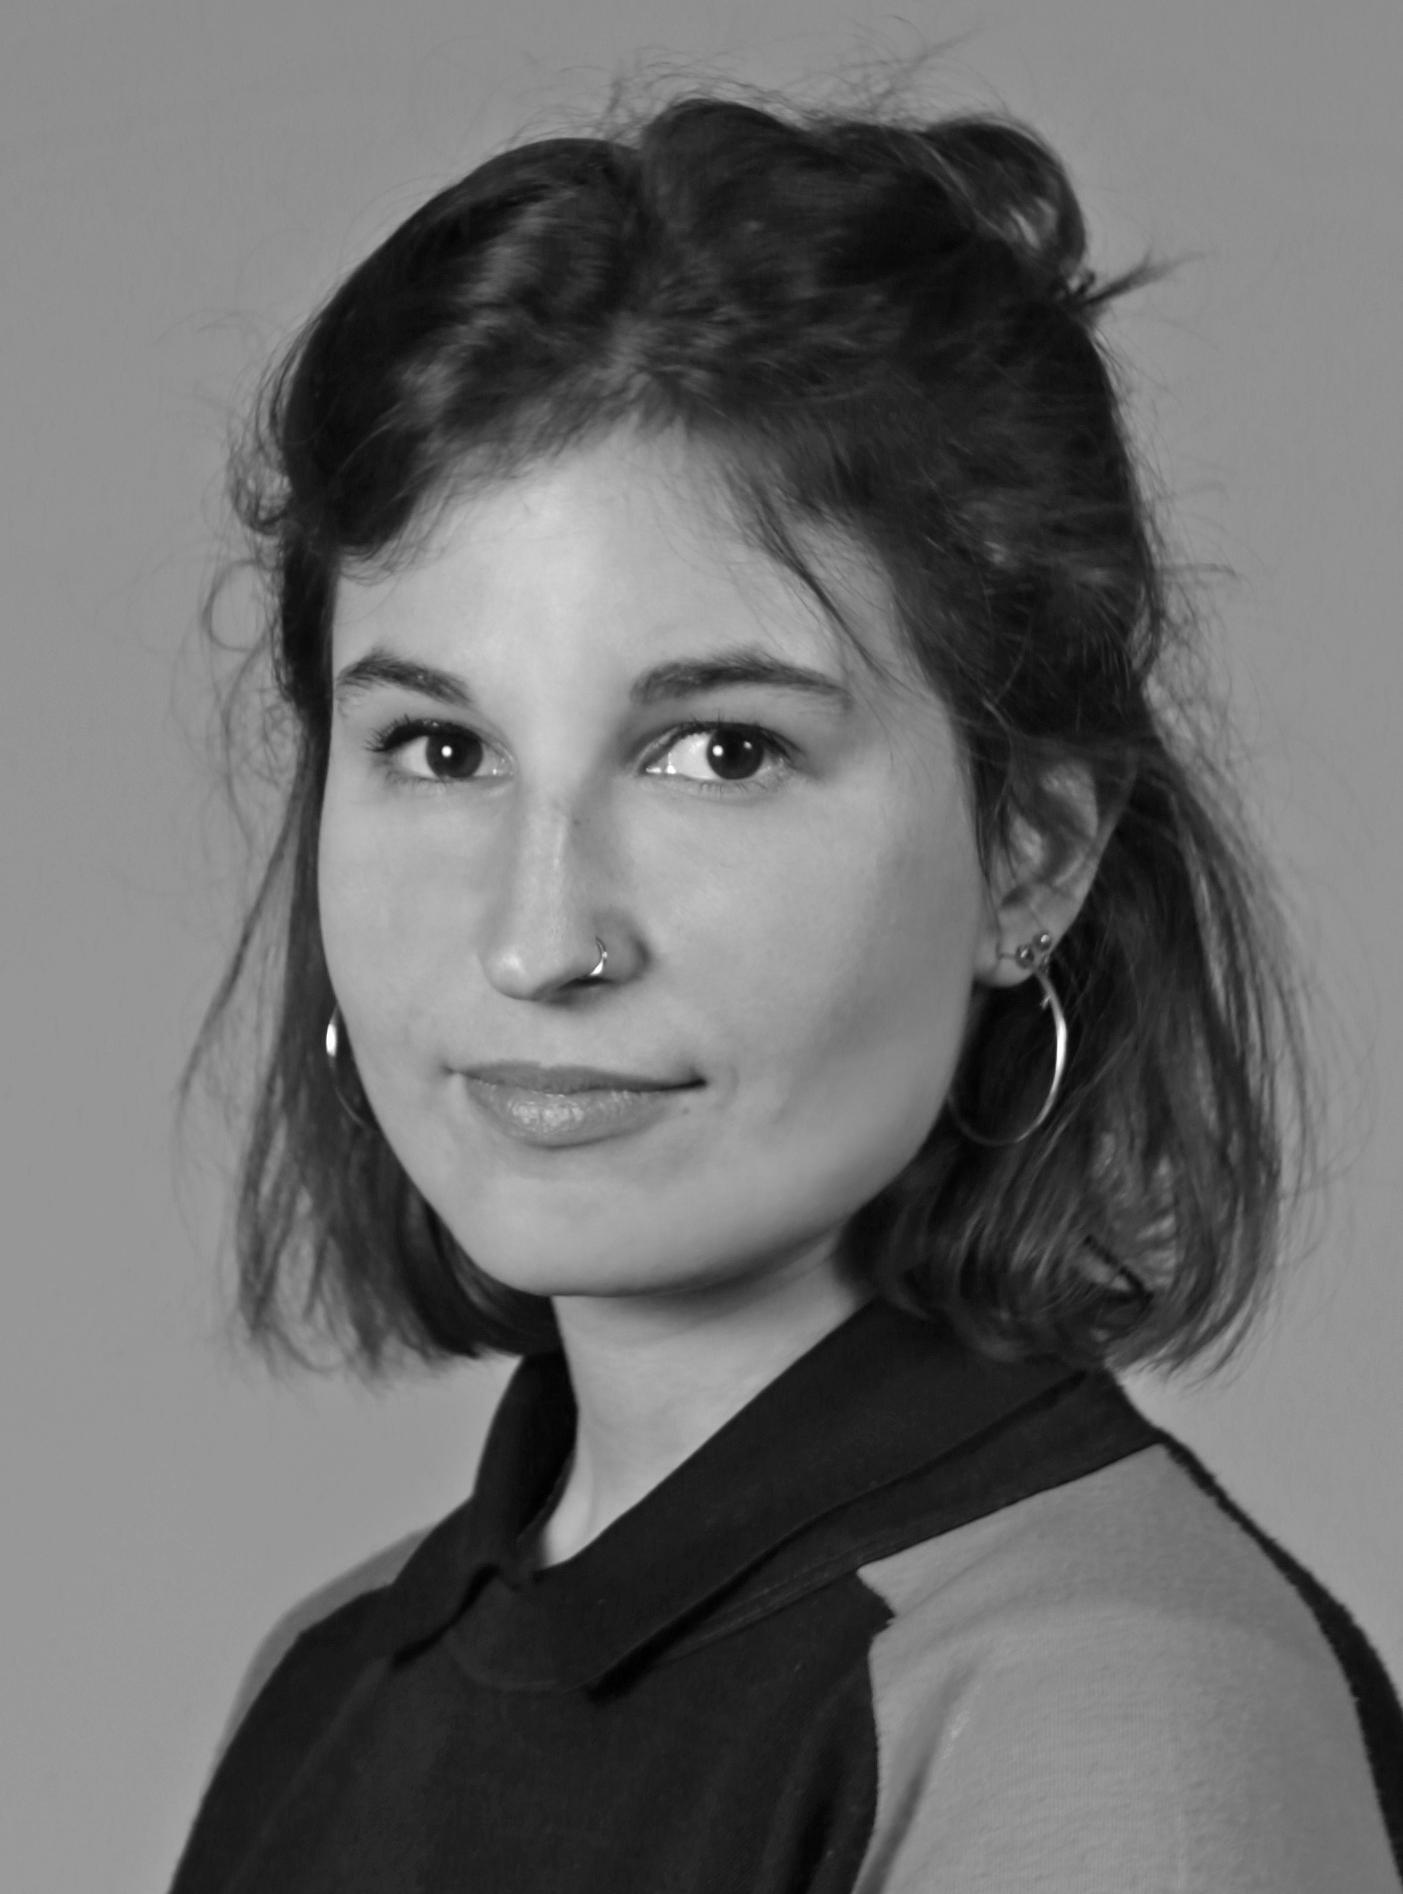 Elisa Sophia Braun